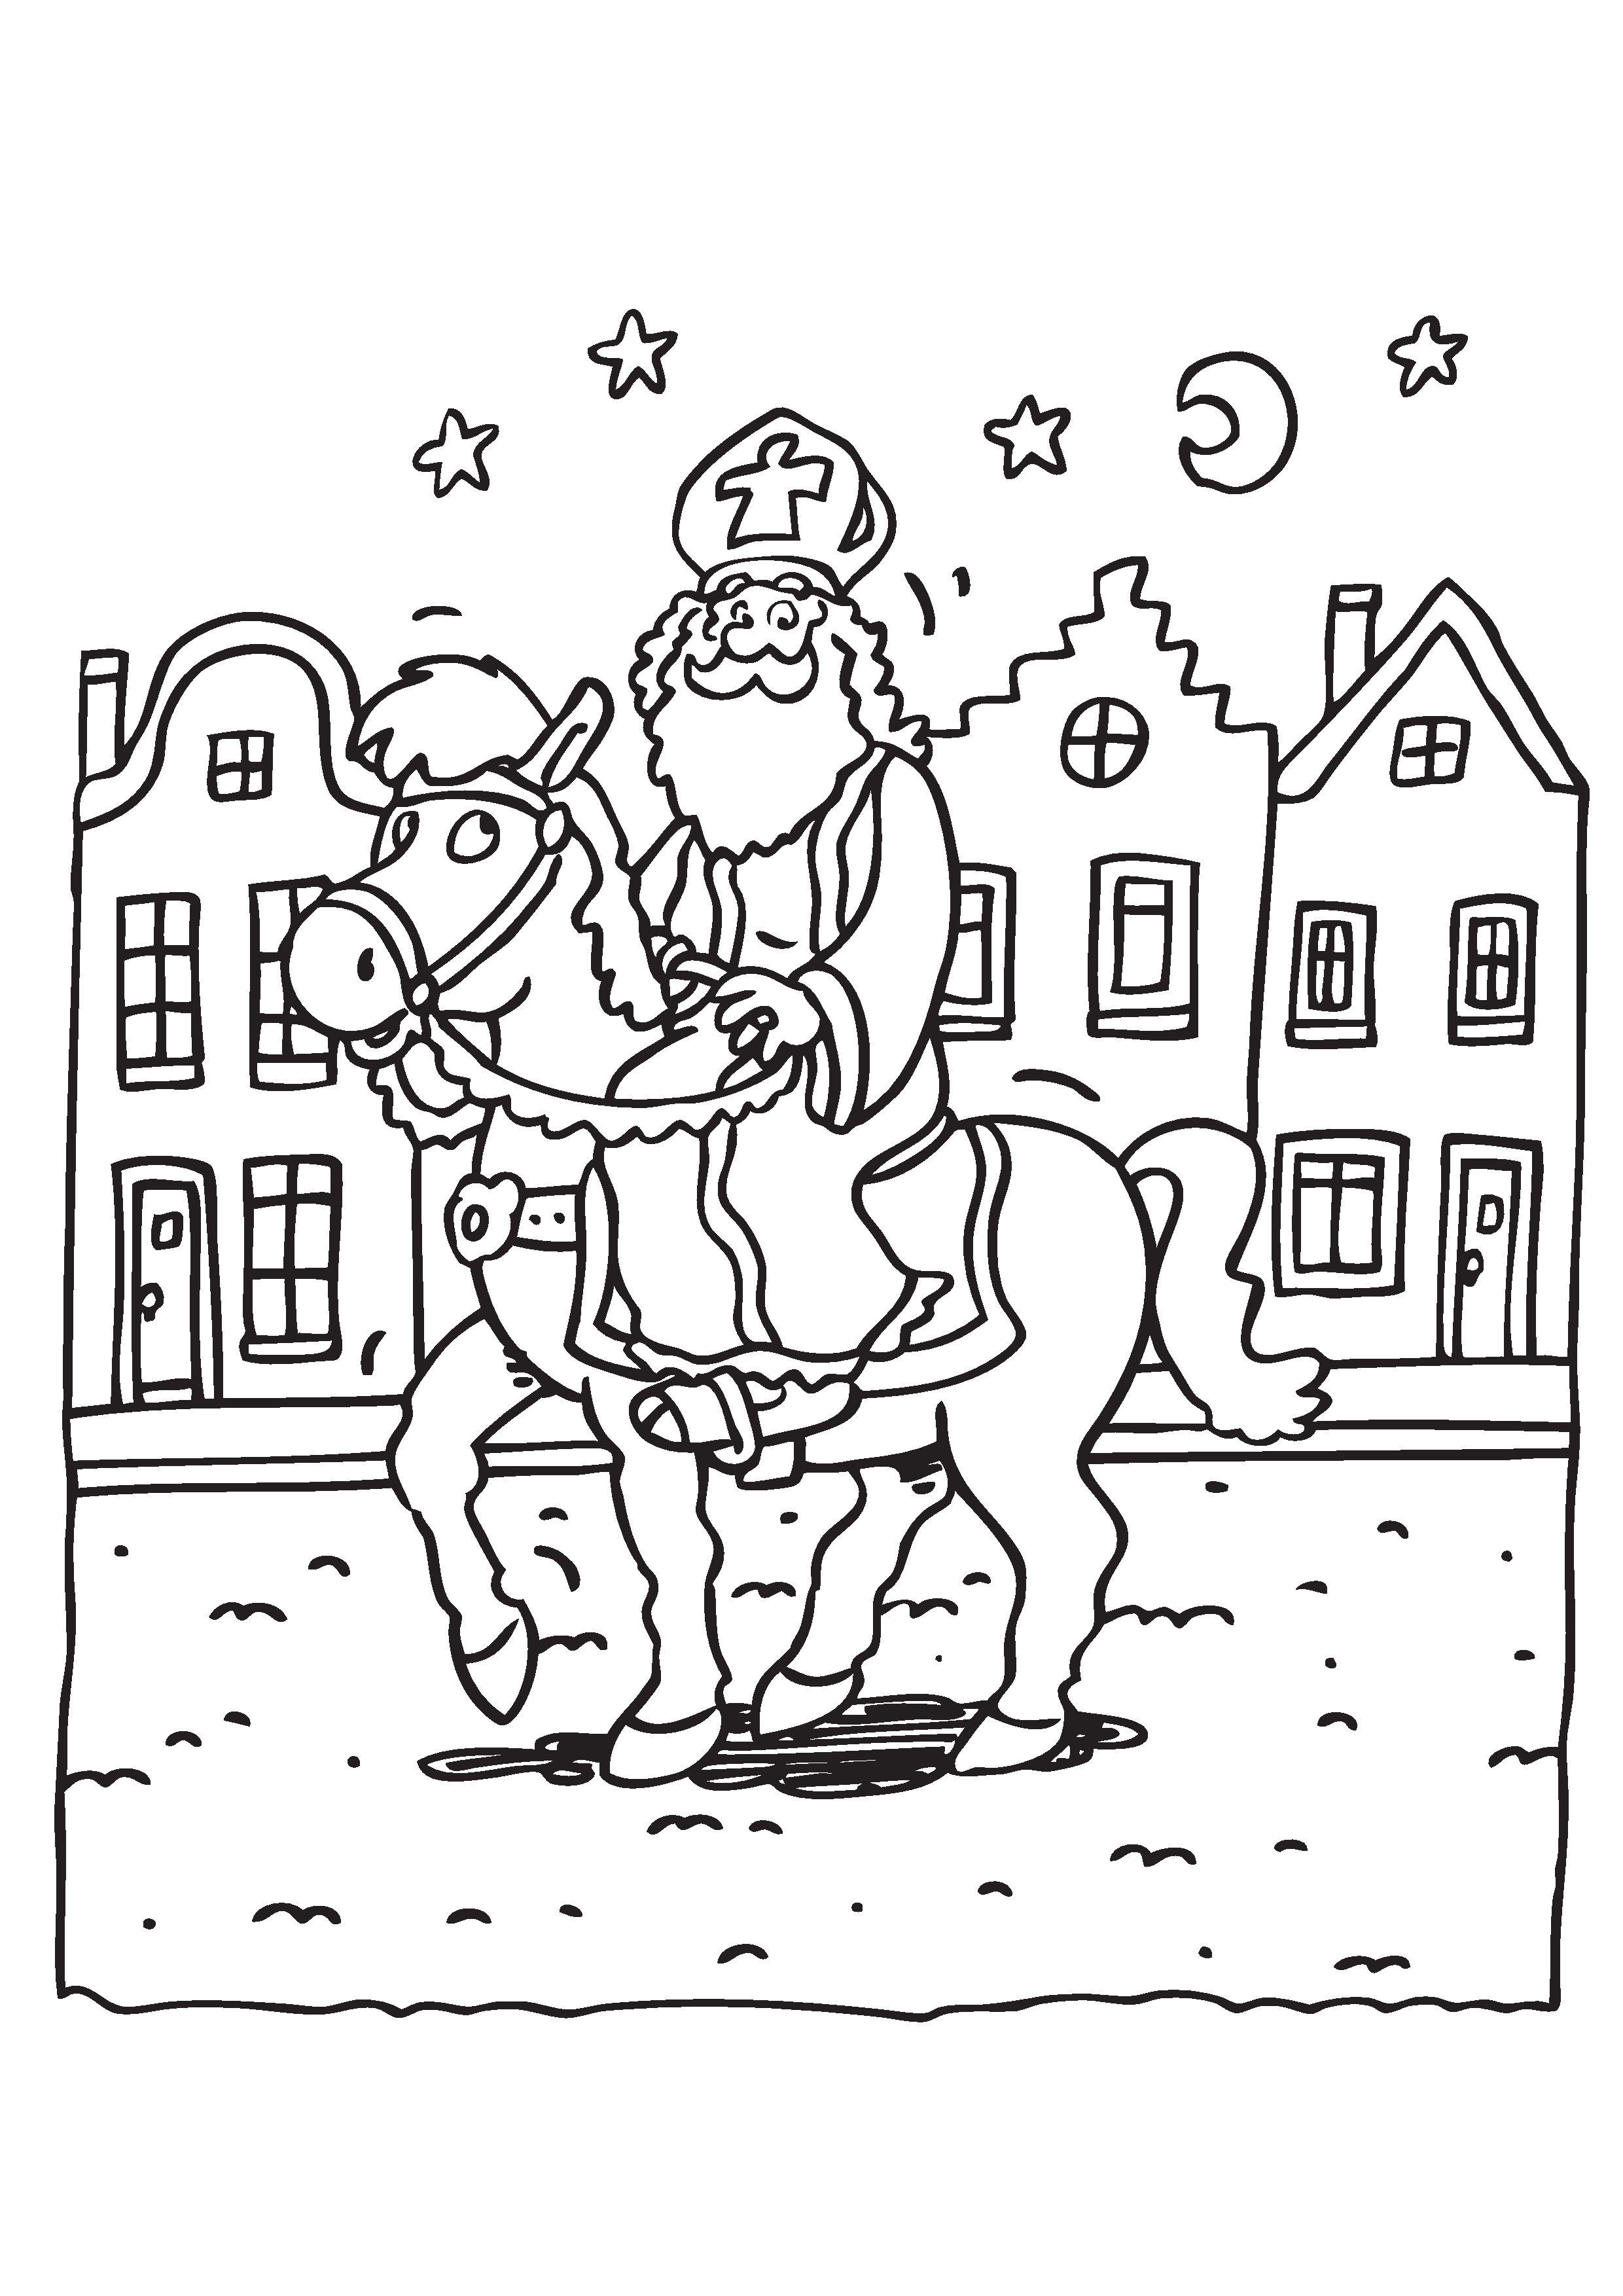 Gratis Kleurplaten Sint En Piet.Kleurplaat Sinterklaas Paard 2020 Voor Peuters En Kleuters